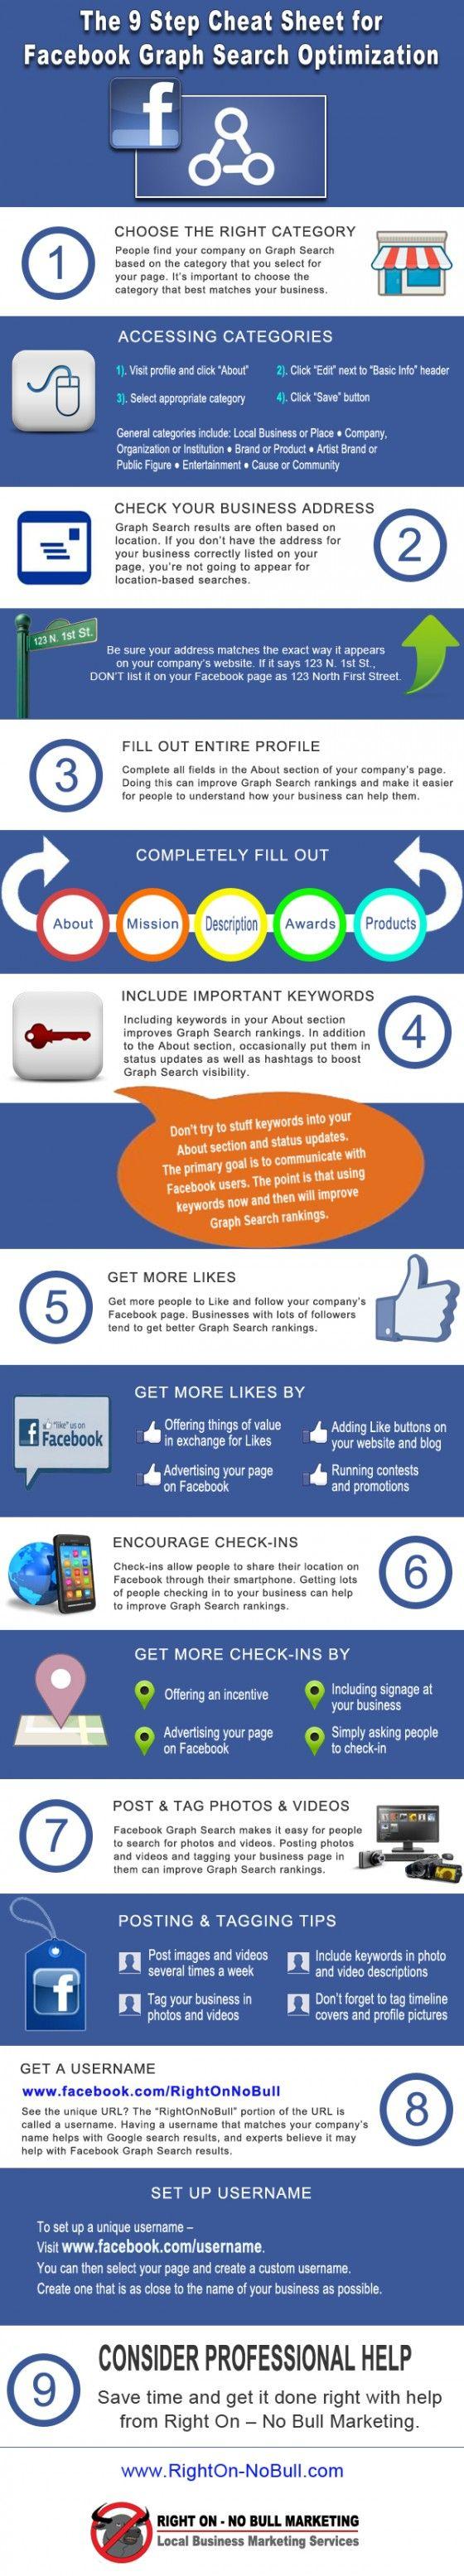 9 Conseils pour Optimiser votre Page #Facebook pour le Graph Search #infographie